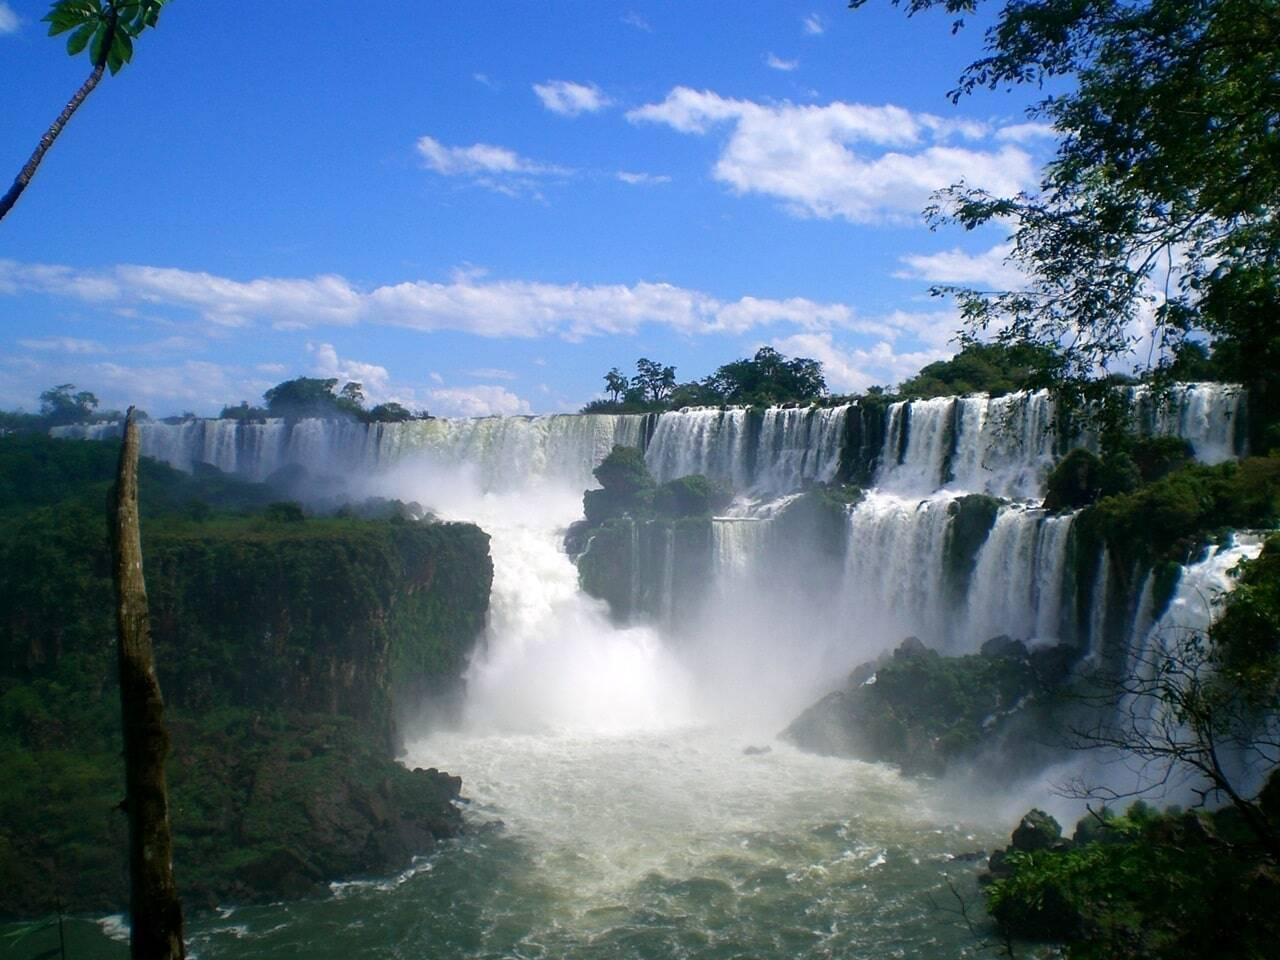 consejos para visitar las cataratas de Iguazú